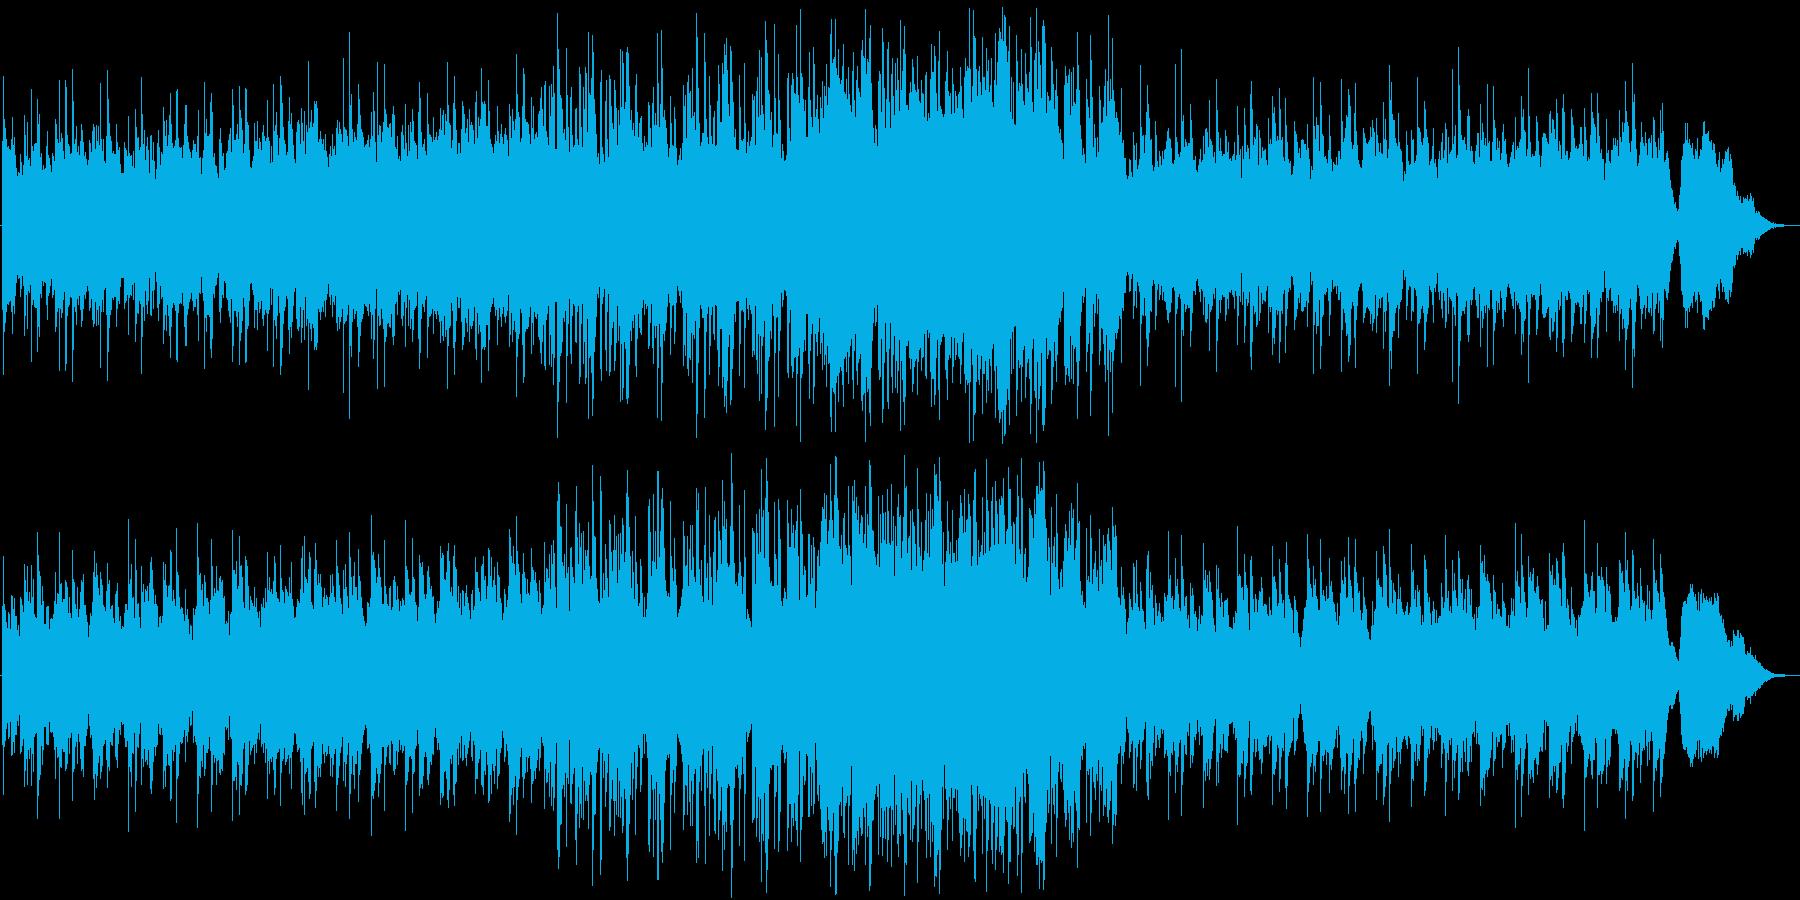 静かな旋律と雄大なリズムのバラードの再生済みの波形